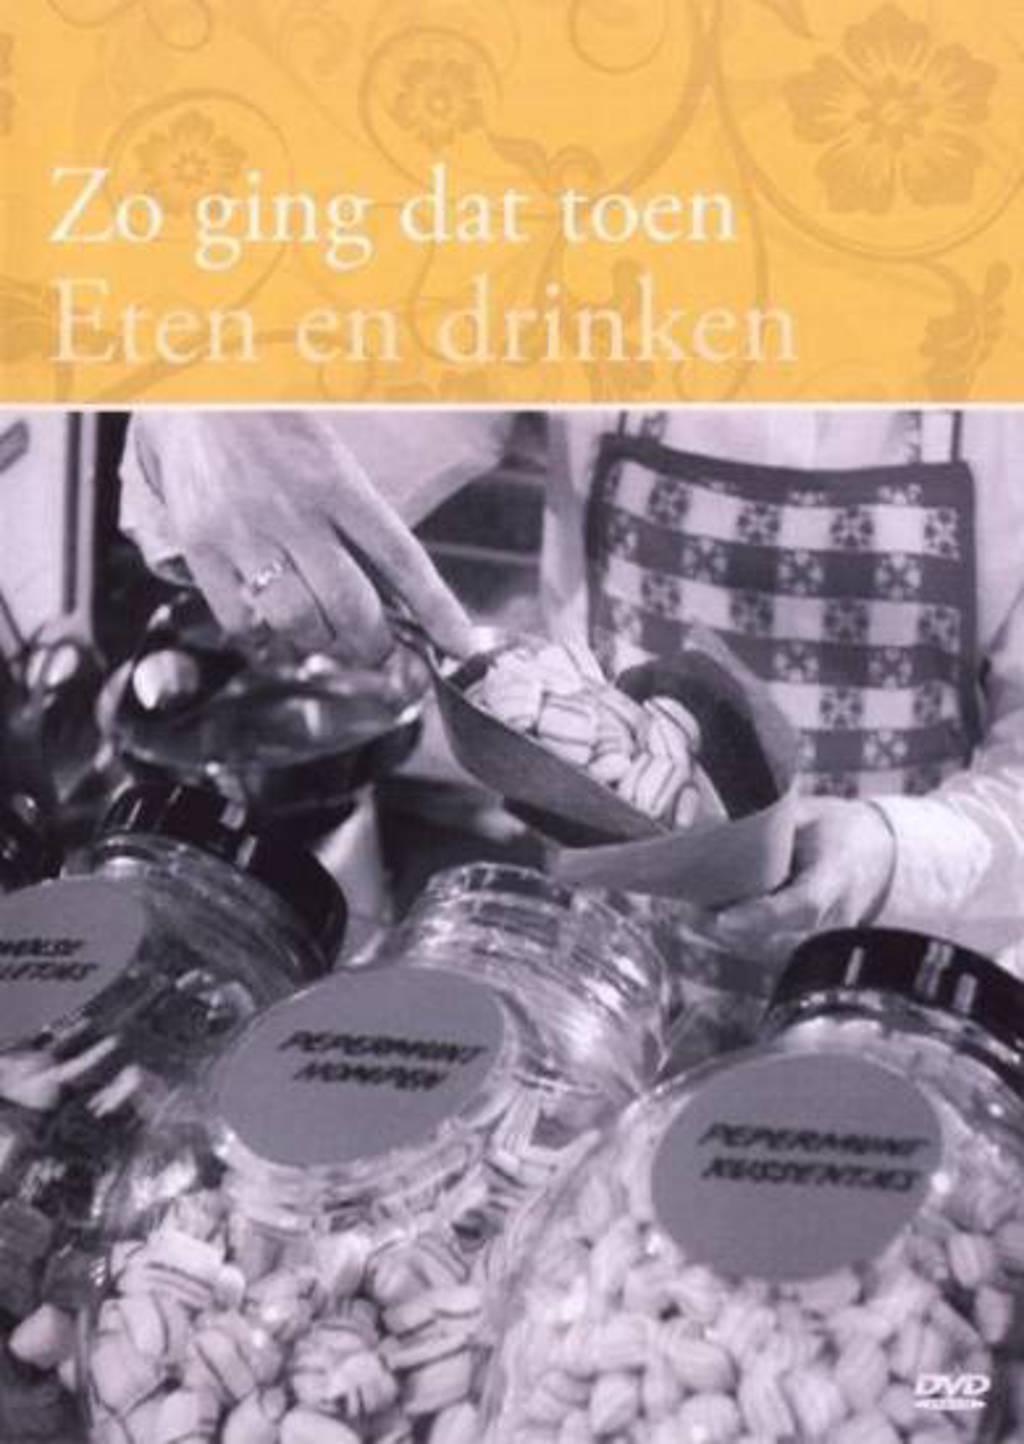 Zo ging dat toen-eten en drinken (DVD)